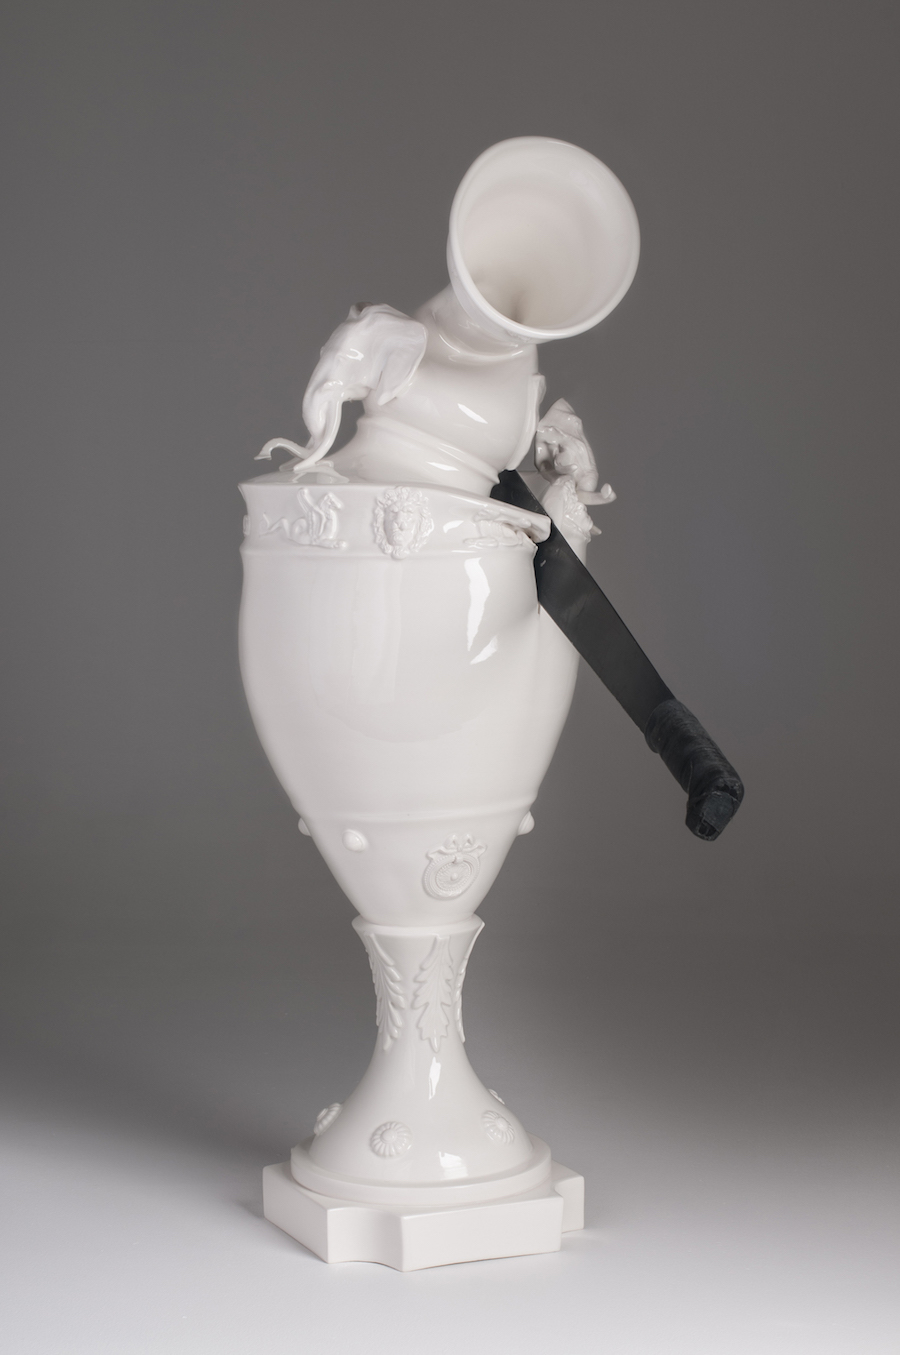 scultura-vasi-porcellana-incidenti-bizzarri-laurent-craste-04